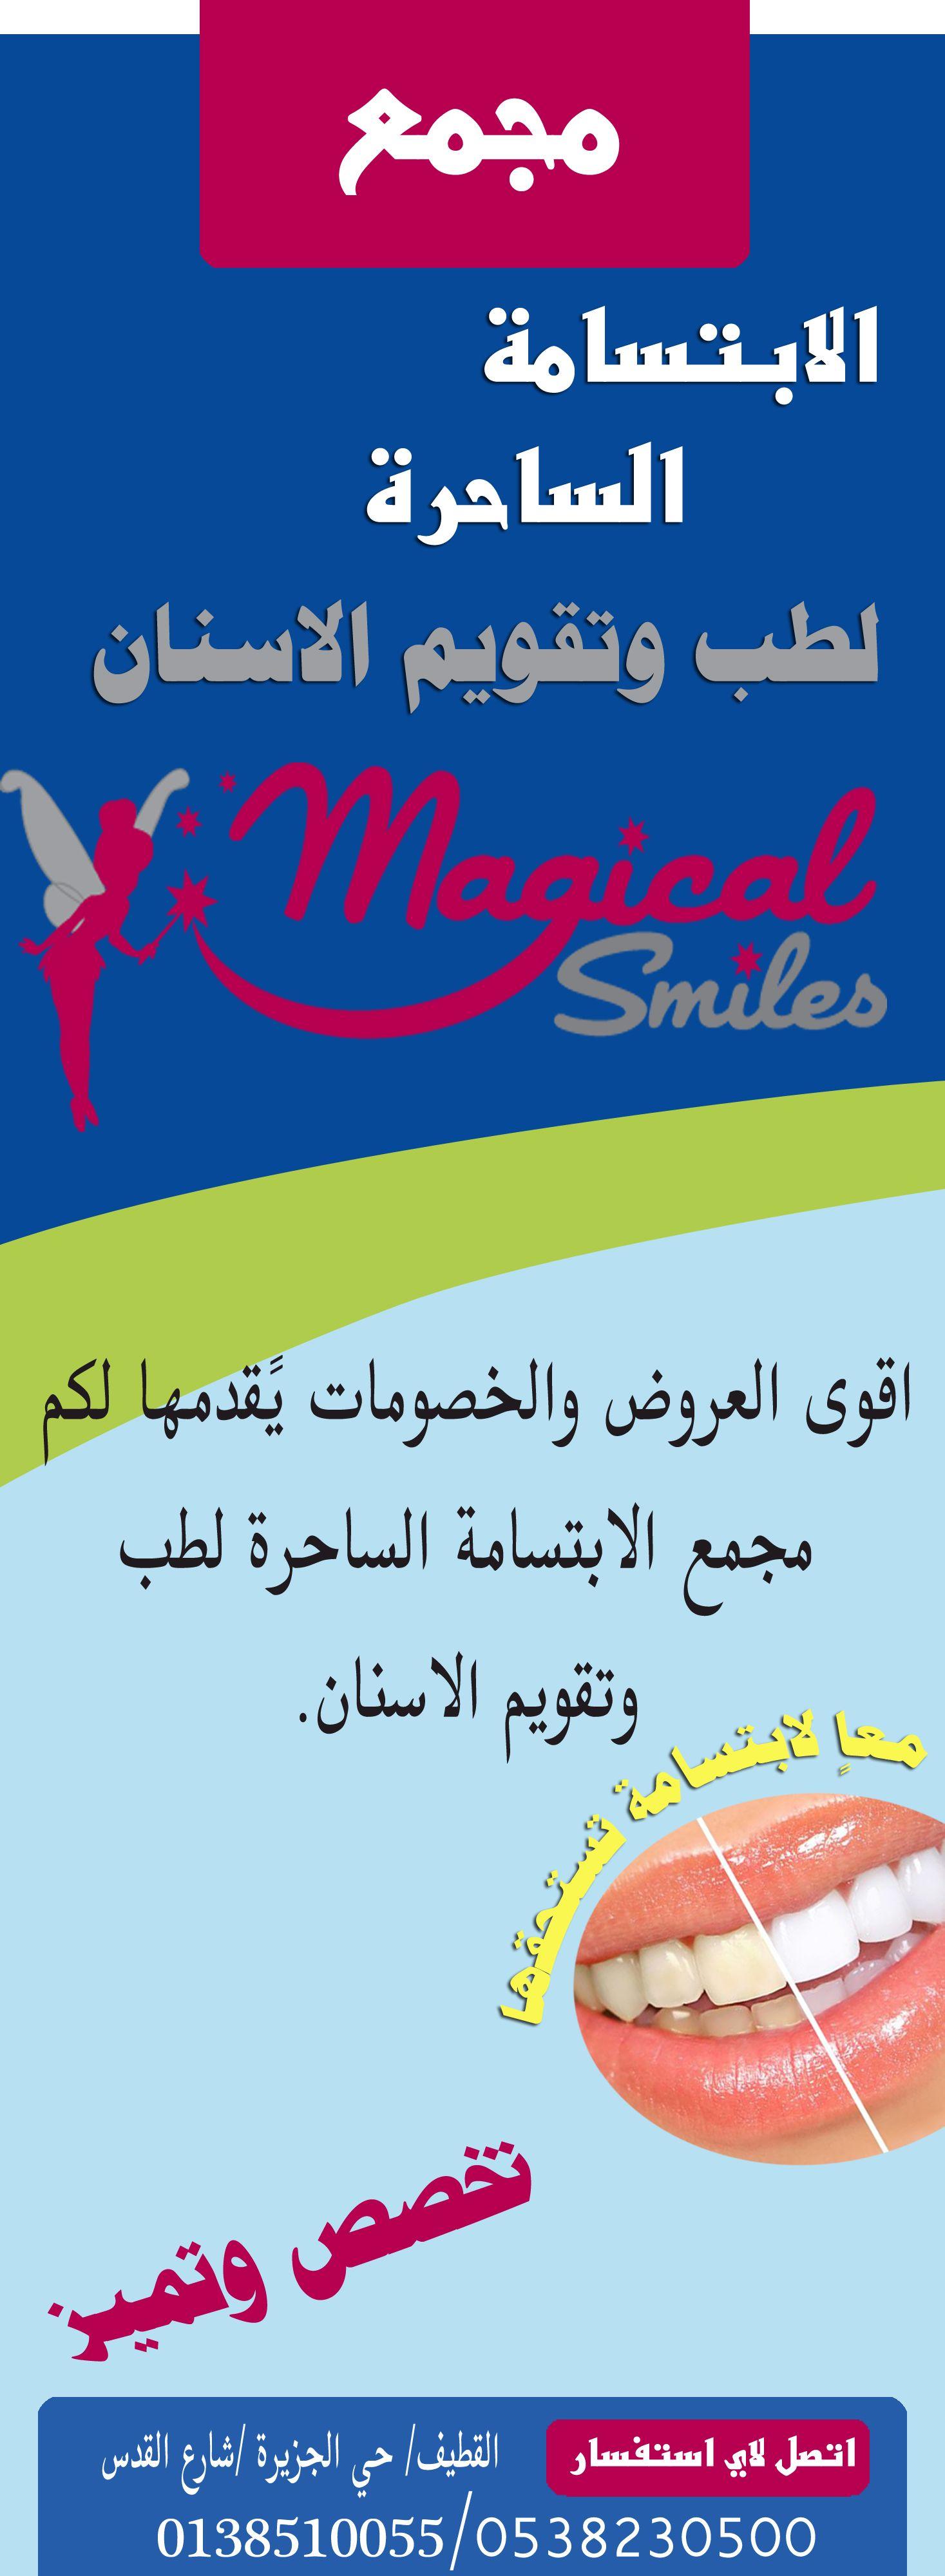 اقوى العروض والخصومات ي قدمها لكم على جميع الخدمات مجمع الابتسامة الساحرة لطب وتقويم الاسنان طاقم طبي متخصص للتعامل مع أصعب Smile Dental Dental Center Smile